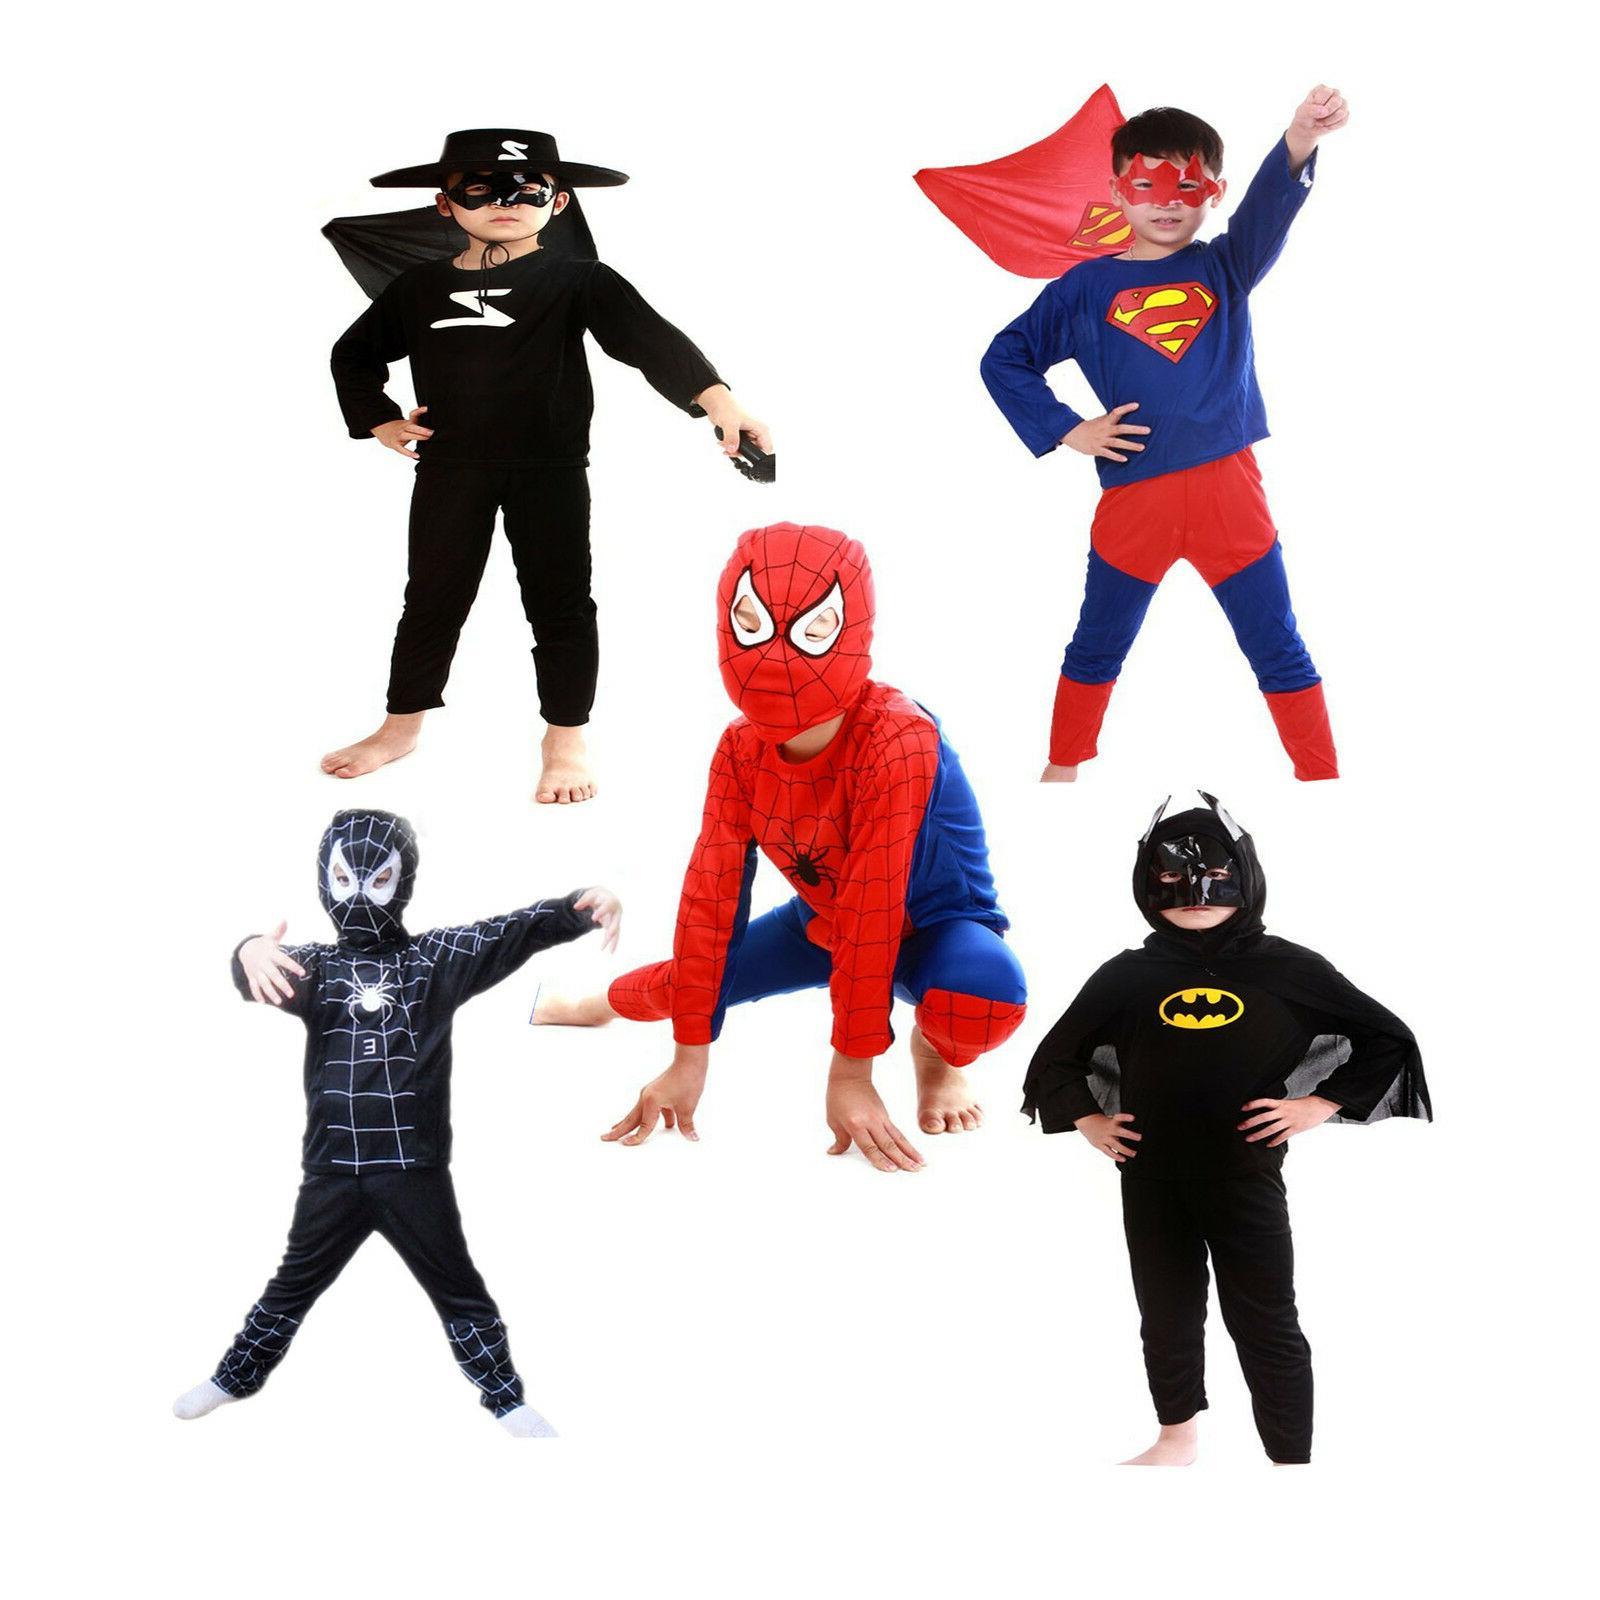 spideman costume superhero cosplay fancy dress halloween